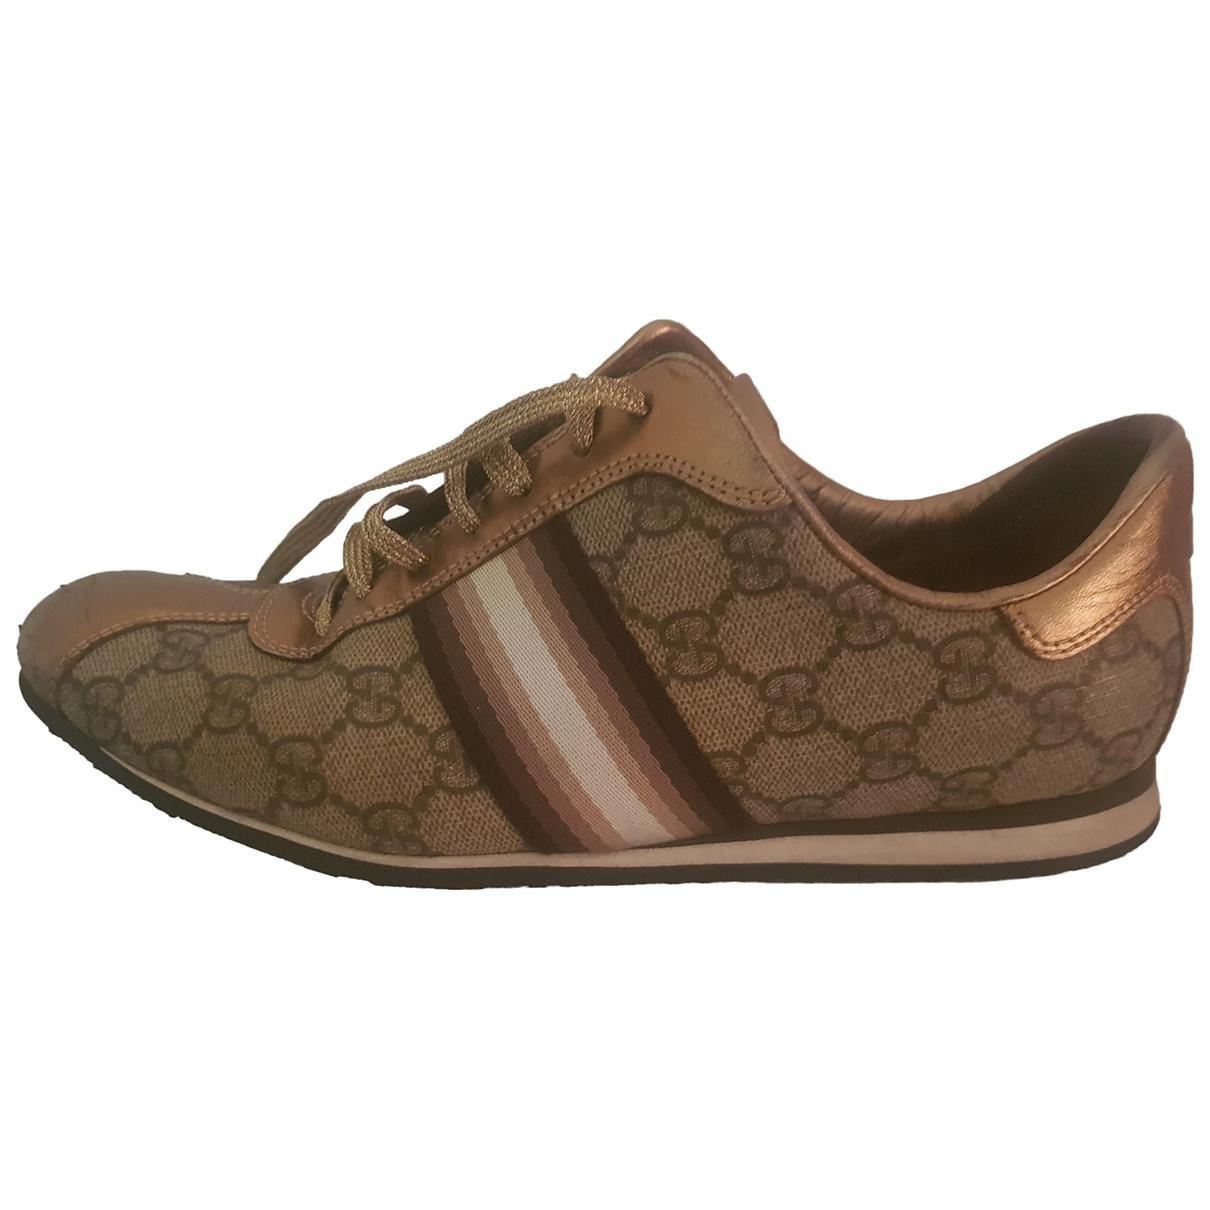 Gucci - Baskets   pour femme en cuir - dore